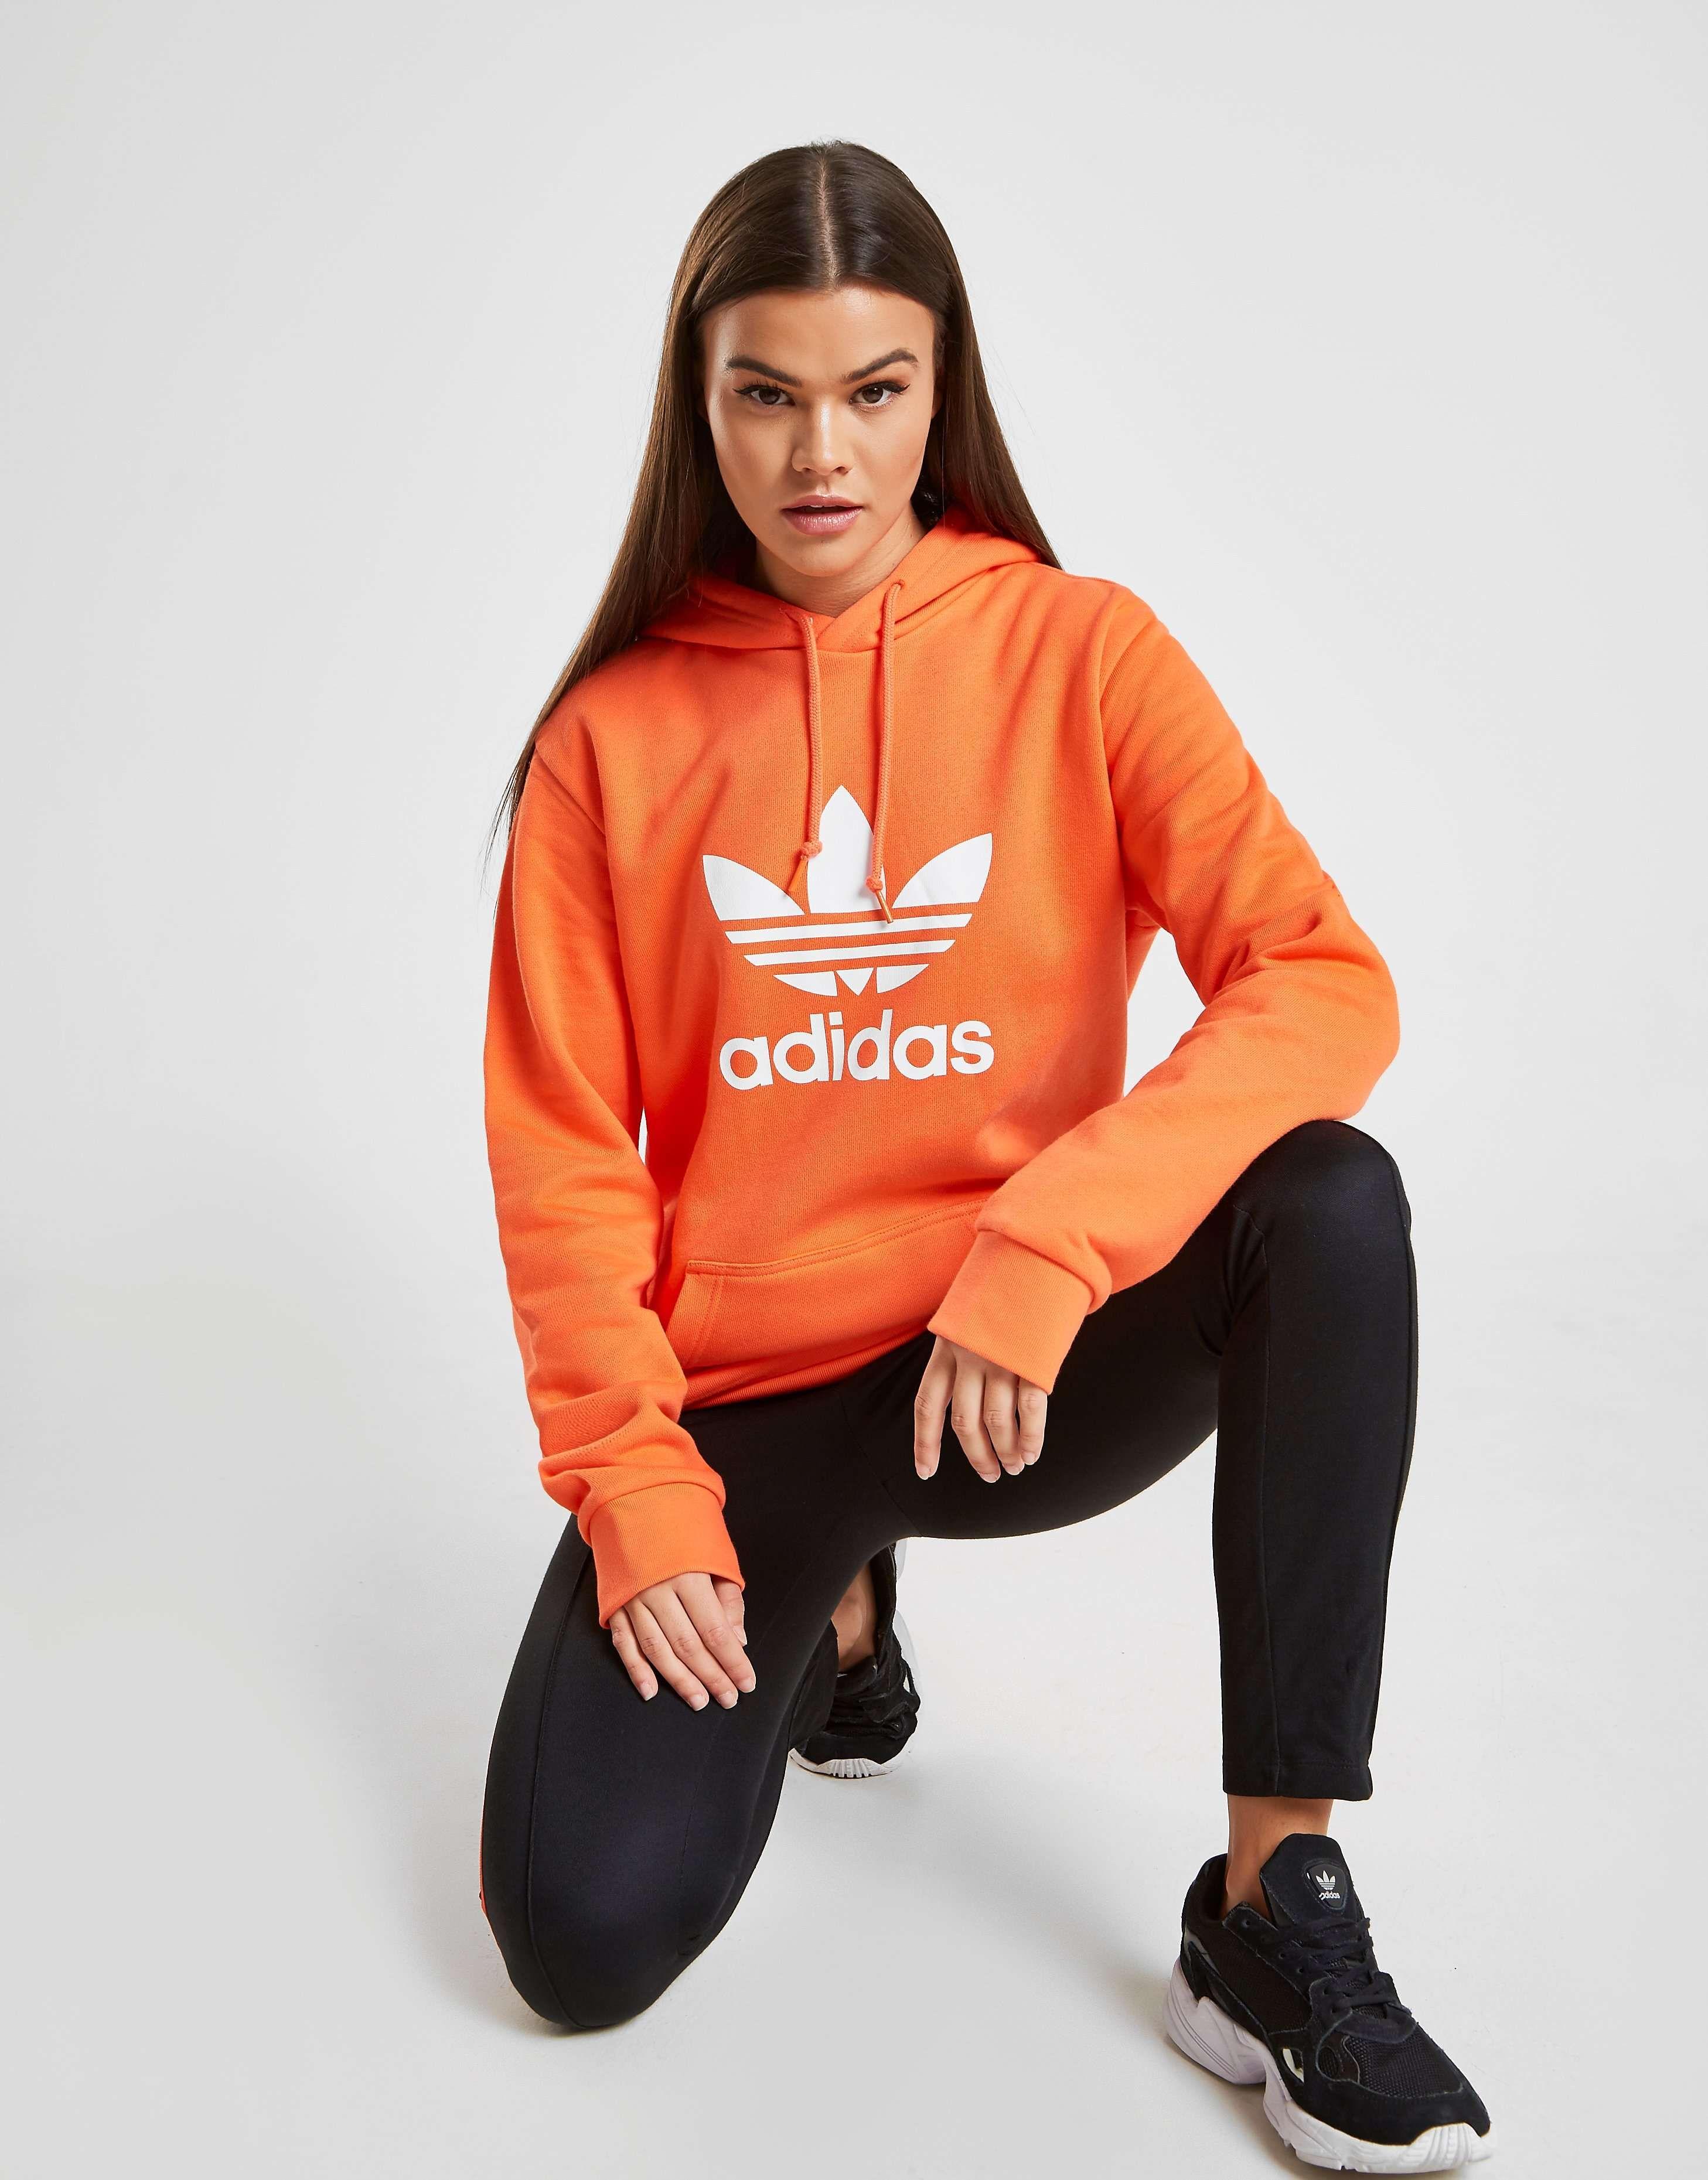 adidas Originals Trefoil Overhead Boyfriend Hoodie in 2019